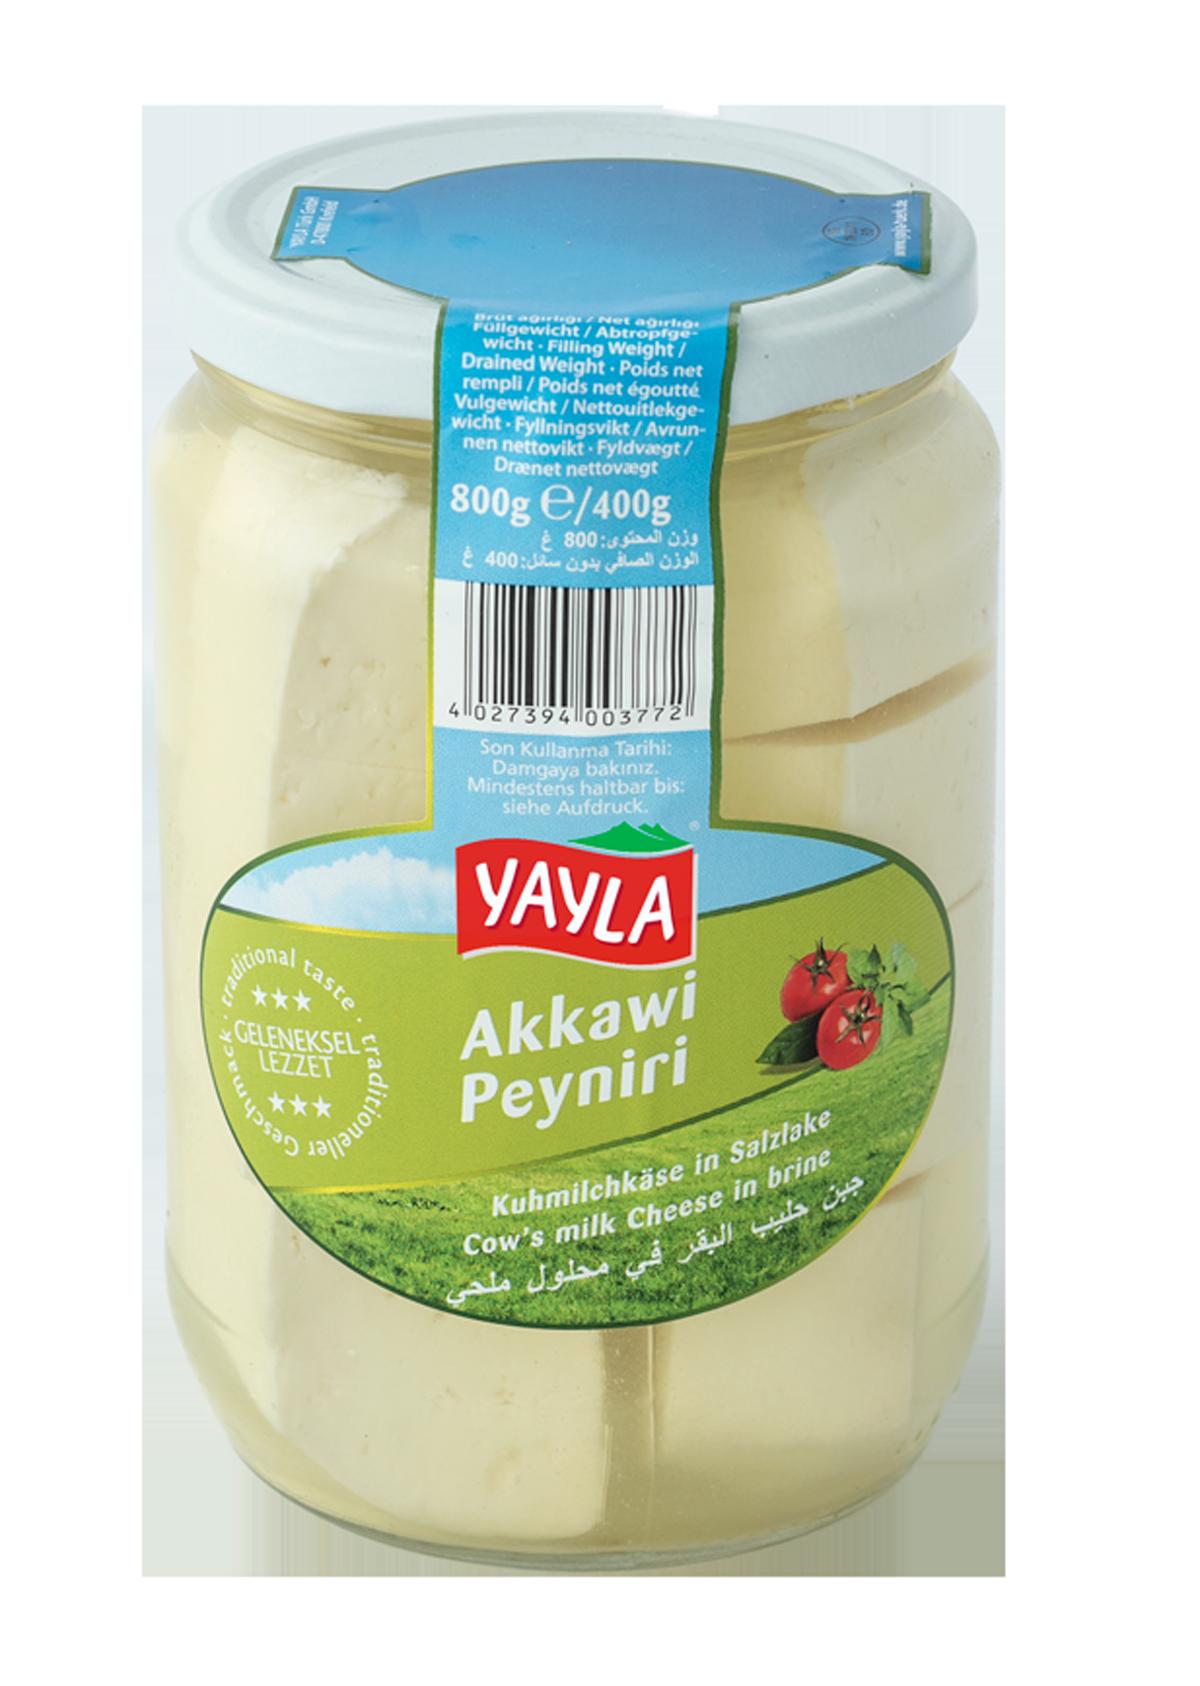 Käse in Salzlake